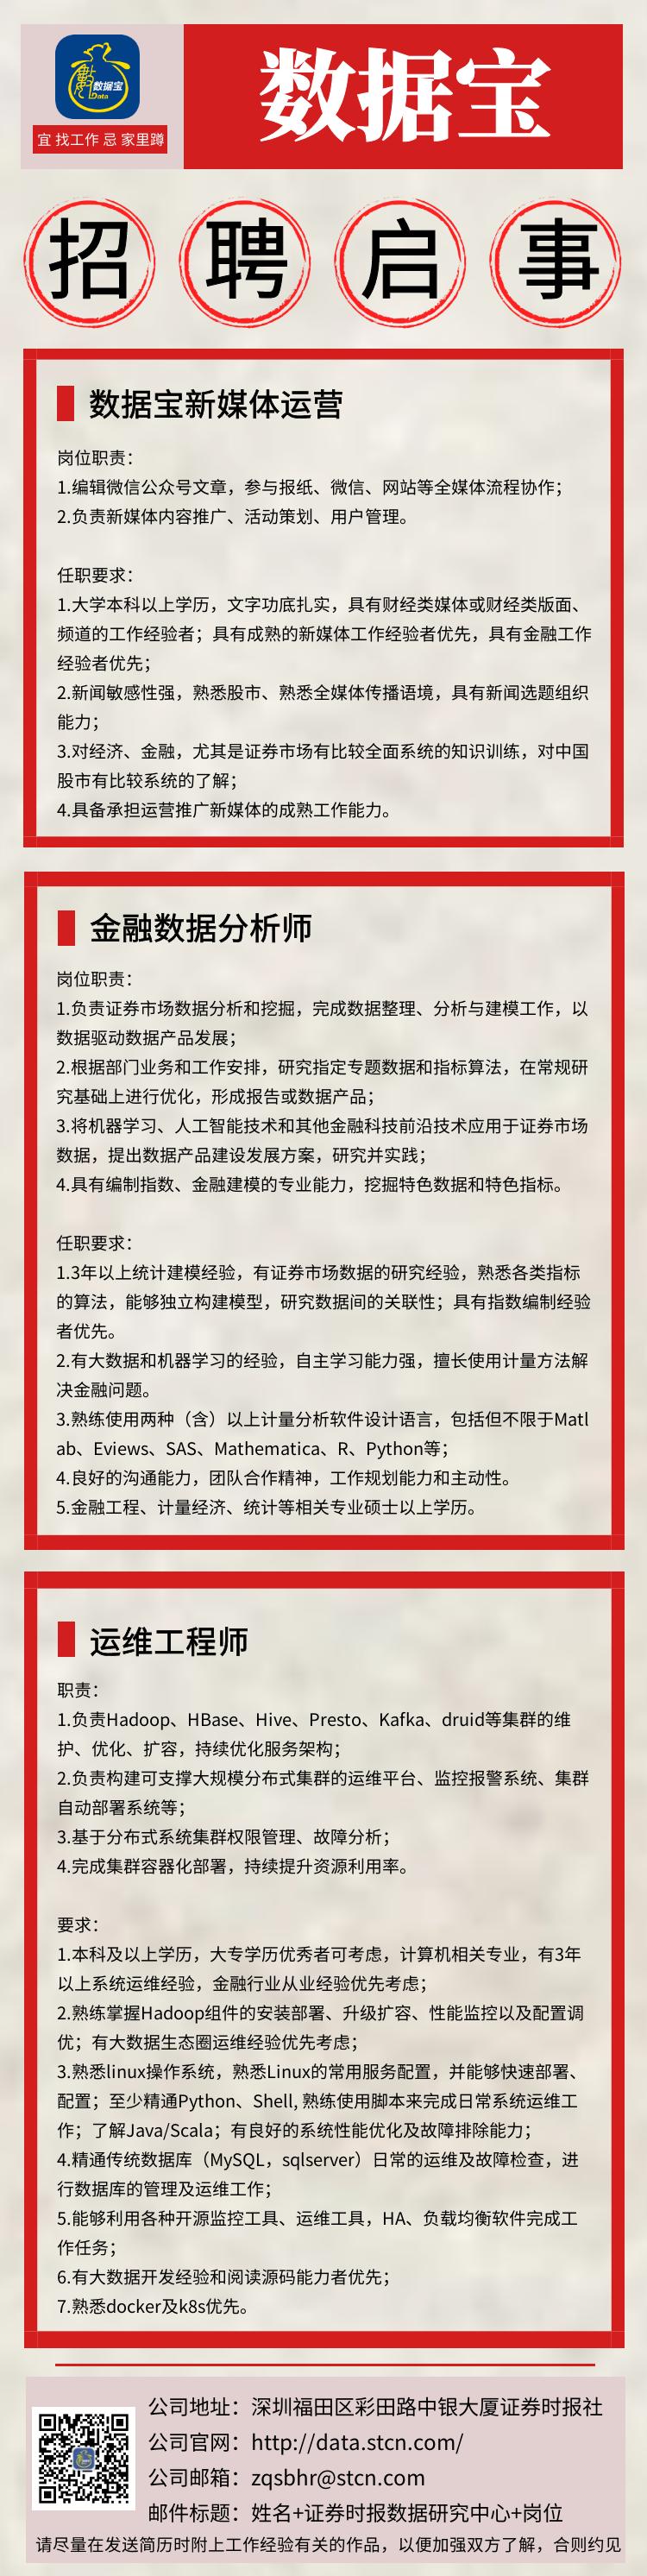 http://www.reviewcode.cn/yunweiguanli/156280.html